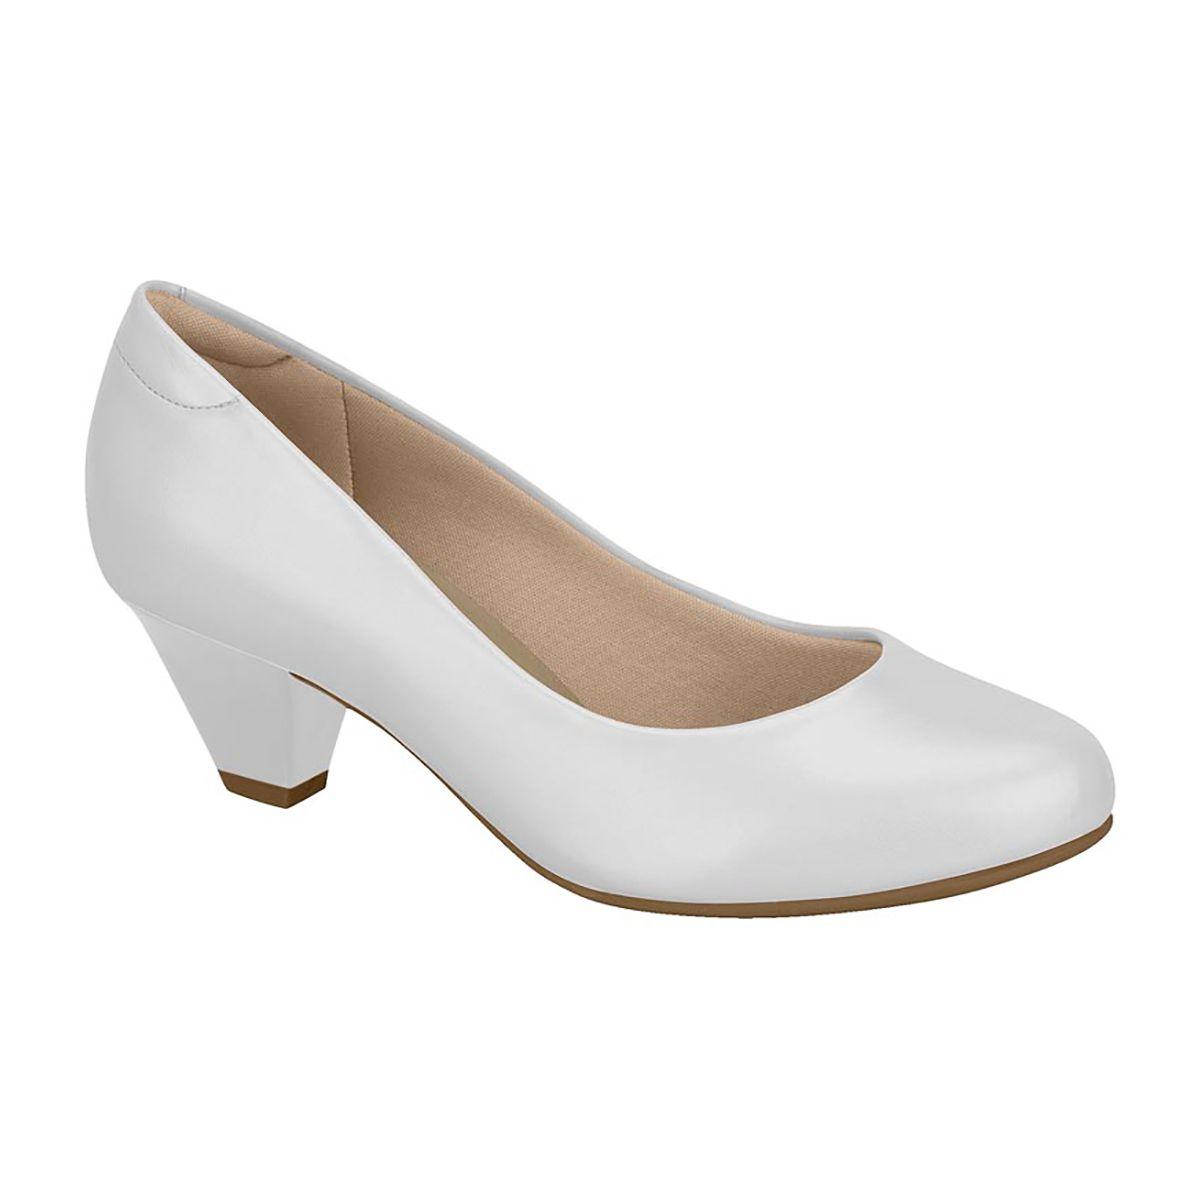 Sapato Feminino Ultraconforto Modare 7005.600